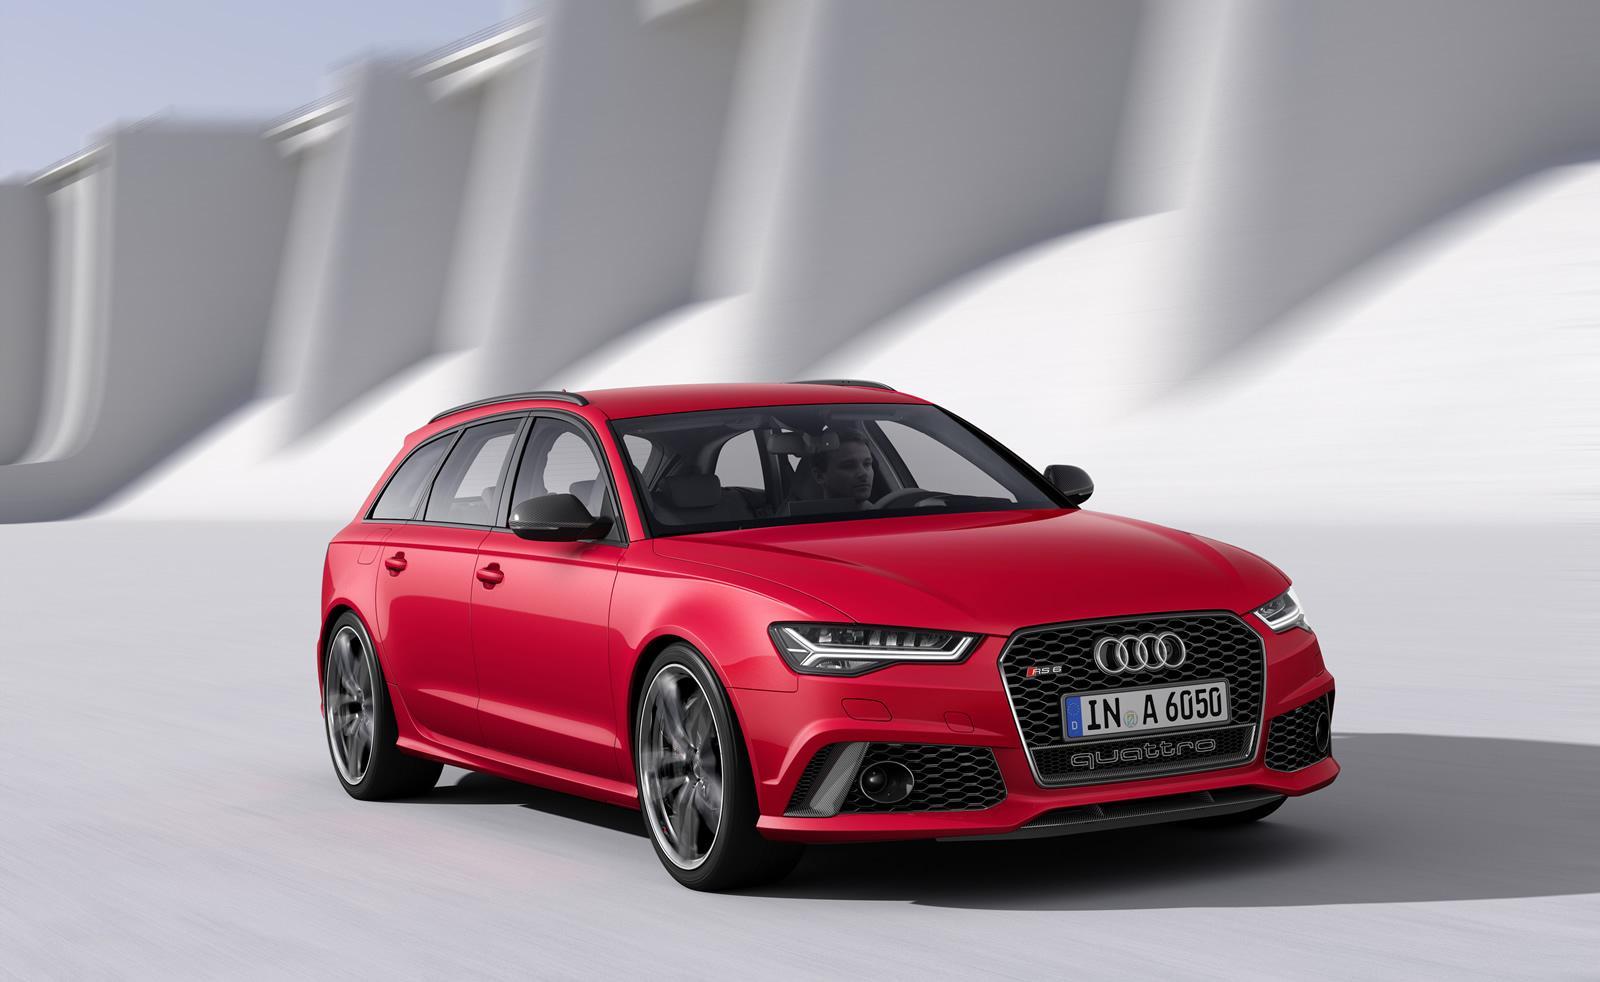 2015 Audi Rs6 Avant Facelift Photo Comparison Subtle